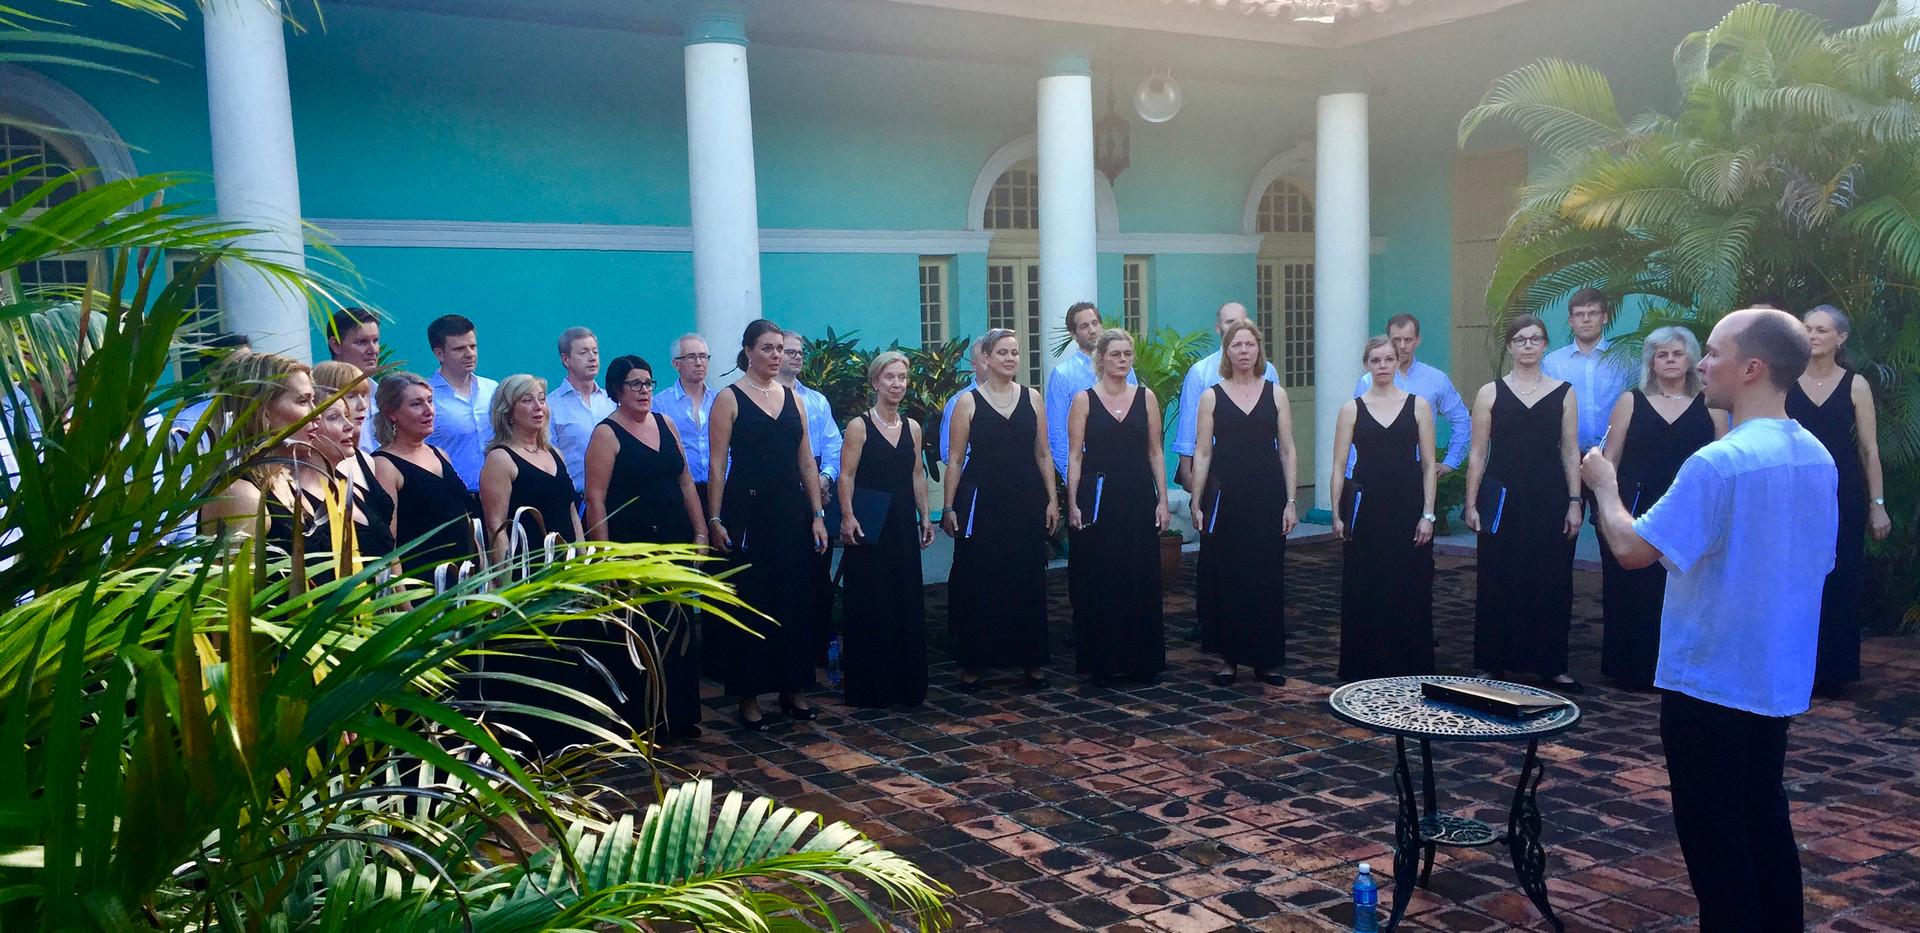 Konsert i Piñar del Río, Kuba